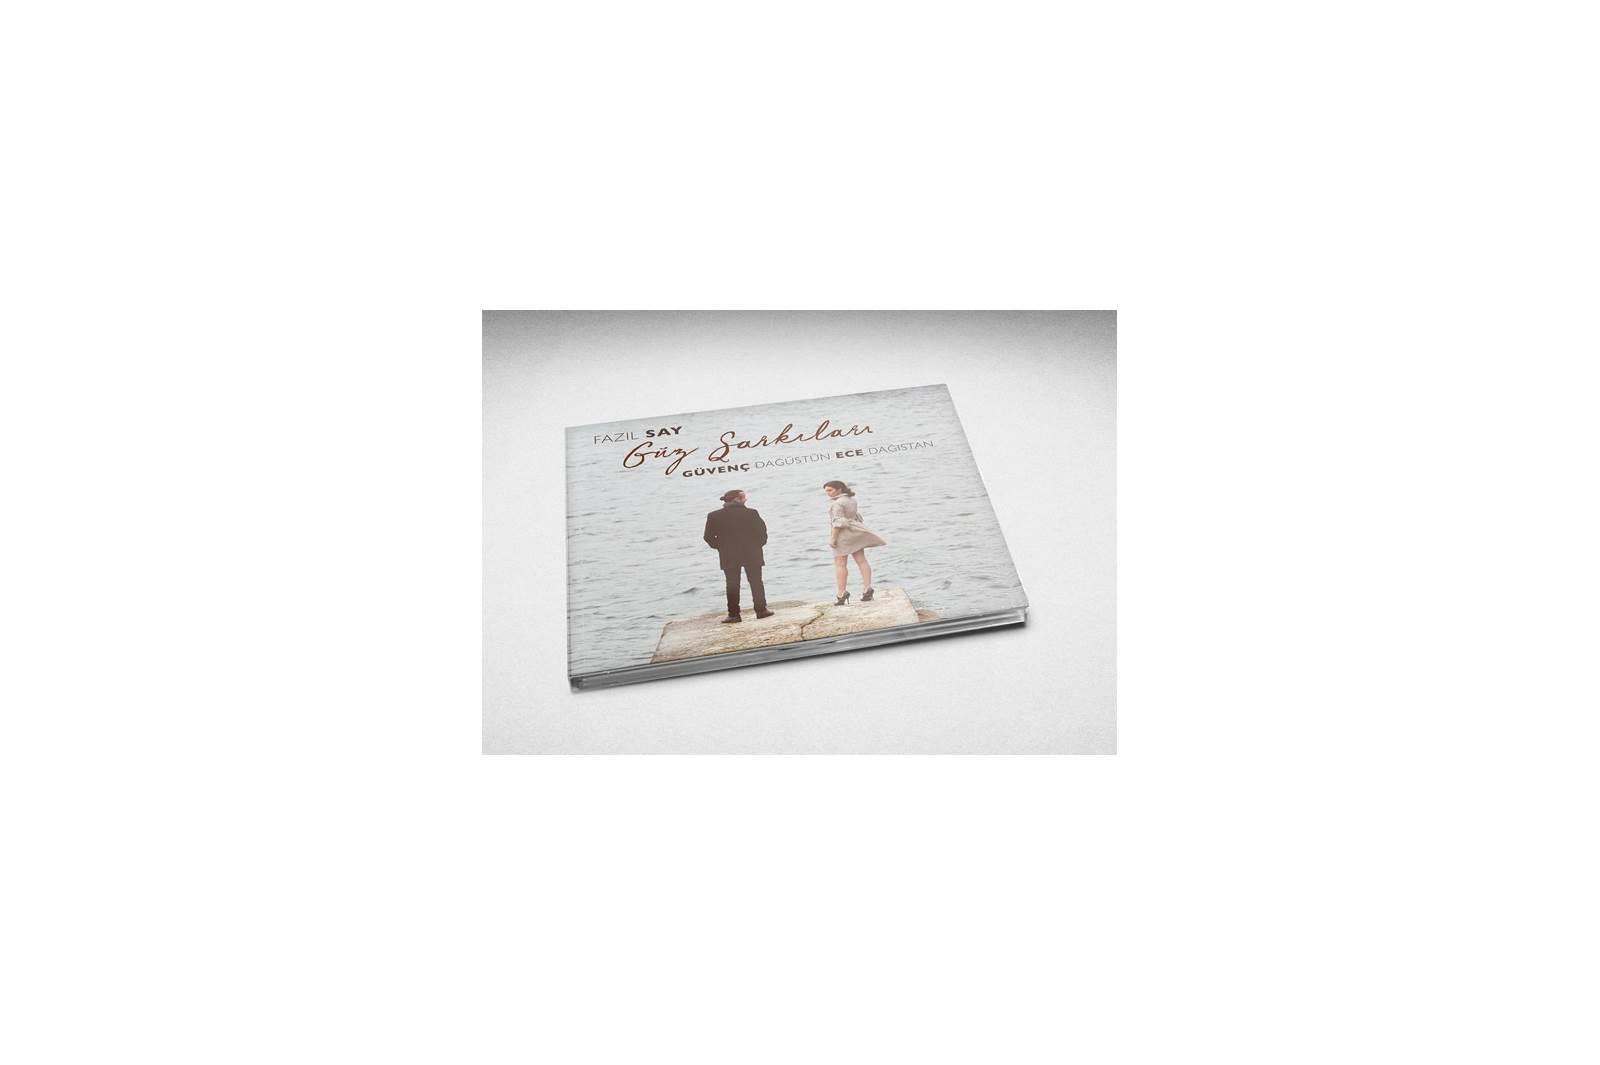 Ece Dağıstan ve Güvenç Dağüstün ile Güz Şarkıları